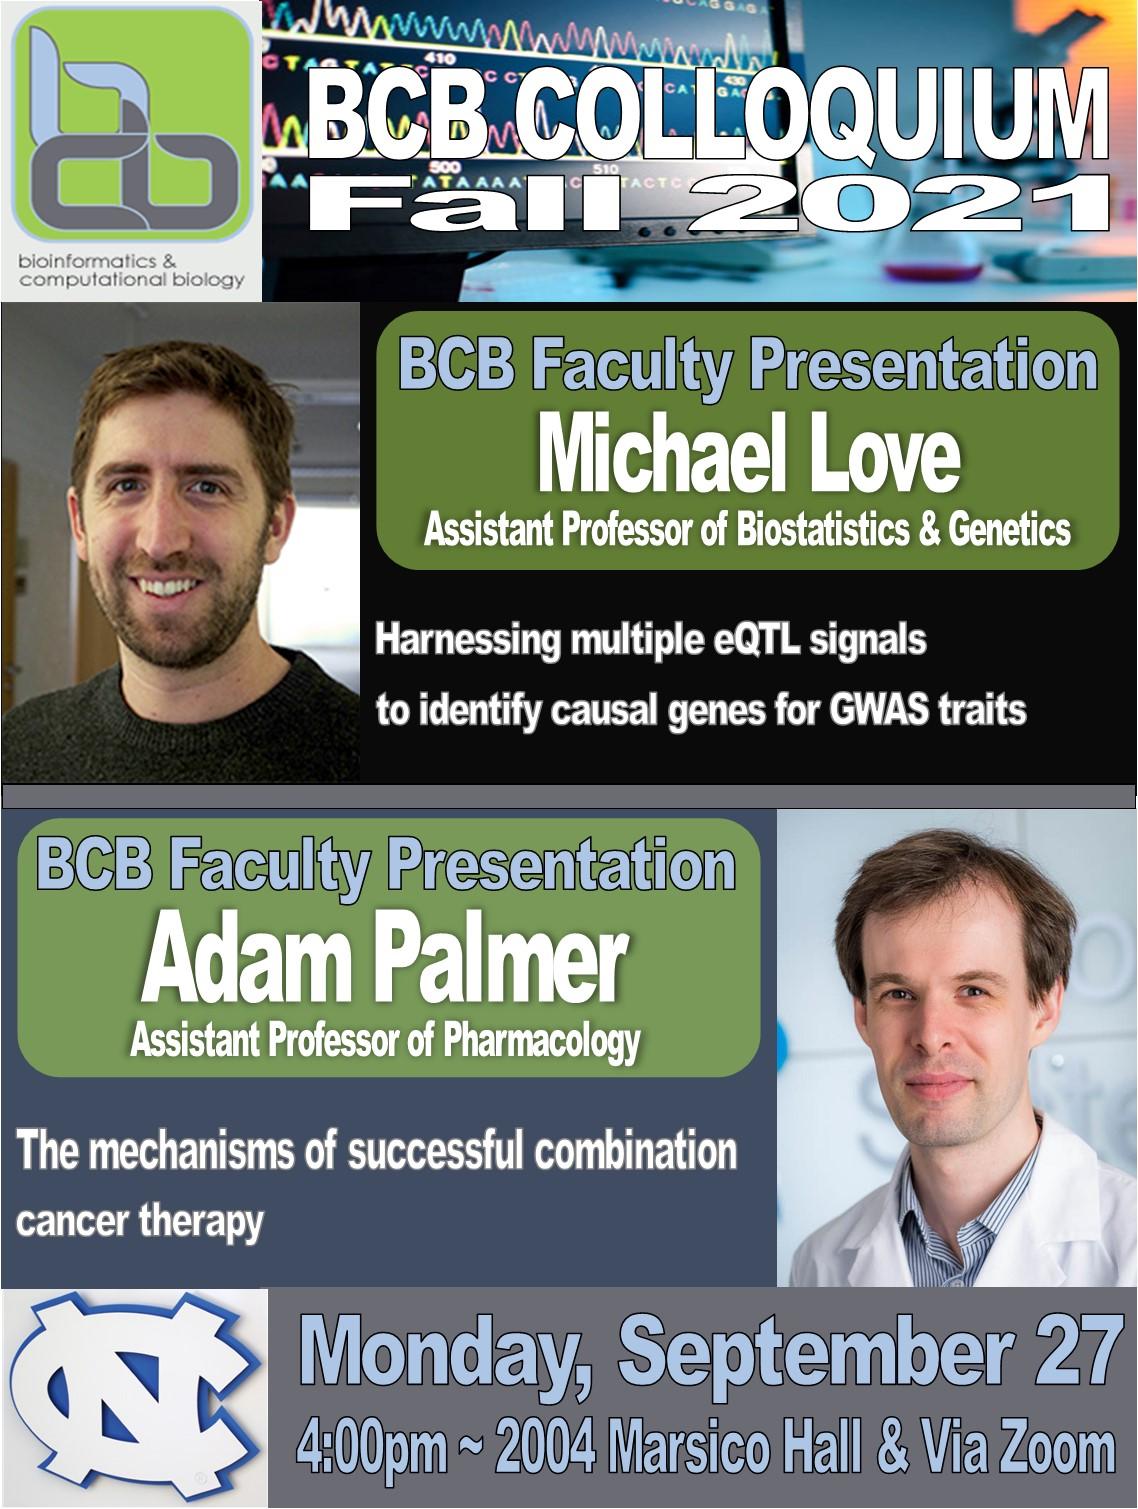 BCB Colloquium_21 0927 Love_Palmer